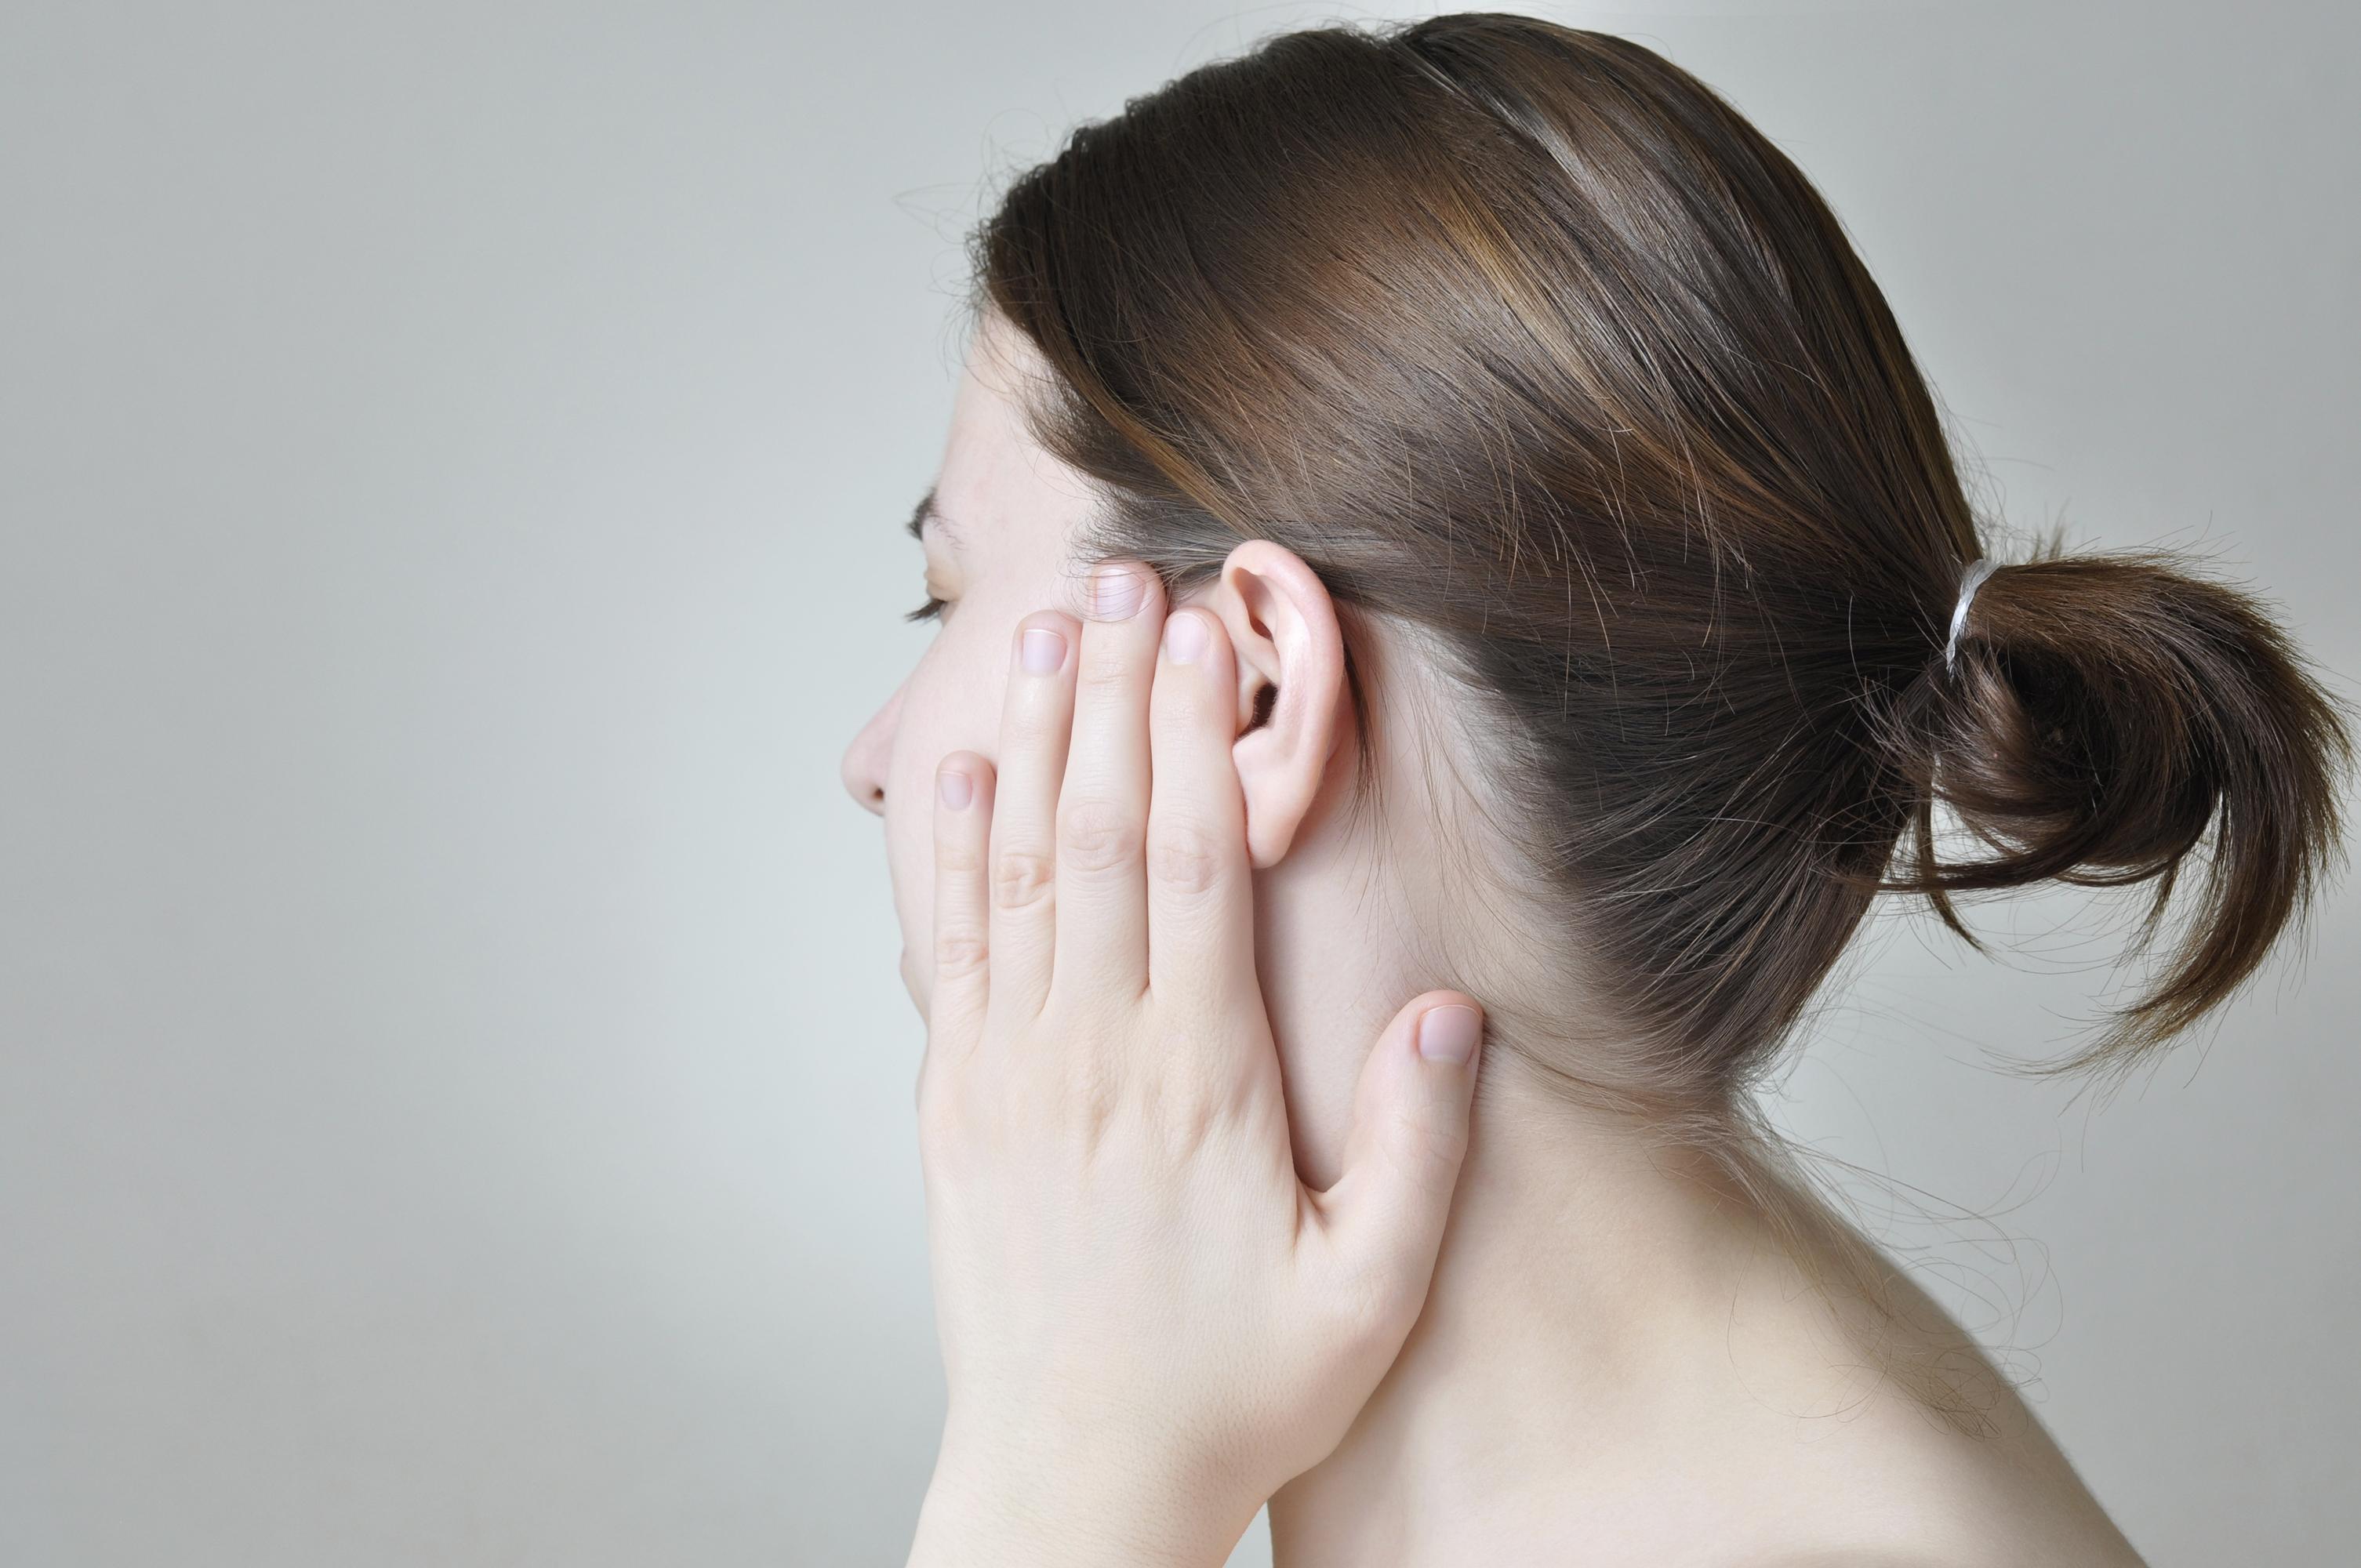 Bilde av kvinne som tar på øret sitt